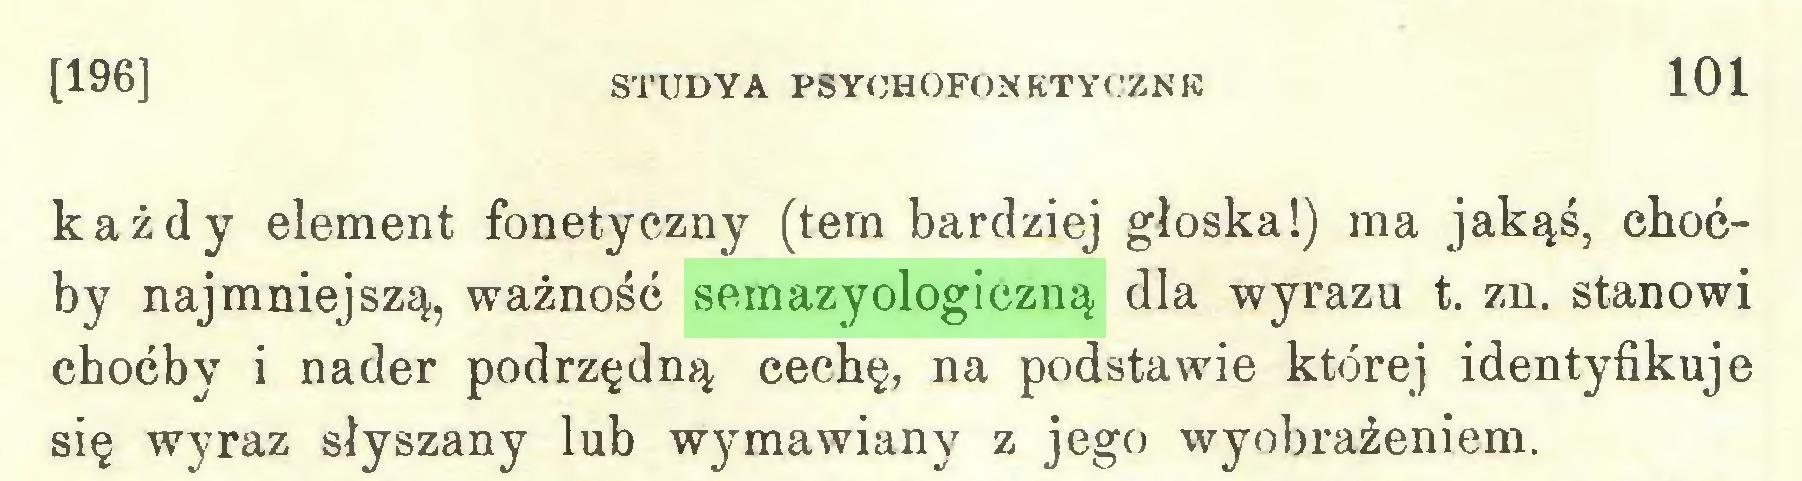 (...) [196] STUDYA PSYOHOFONKTYCZNR 101 każdy element fonetyczny (tem bardziej głoska!) ma jakąś, choćby najmniejszą, ważność semazyologiczną dla wyrazu t. zn. stanowi choćby i nader podrzędną cechę, na podstawie której identyfikuje się wyraz słyszany lub wymawiany z jego wyobrażeniem...